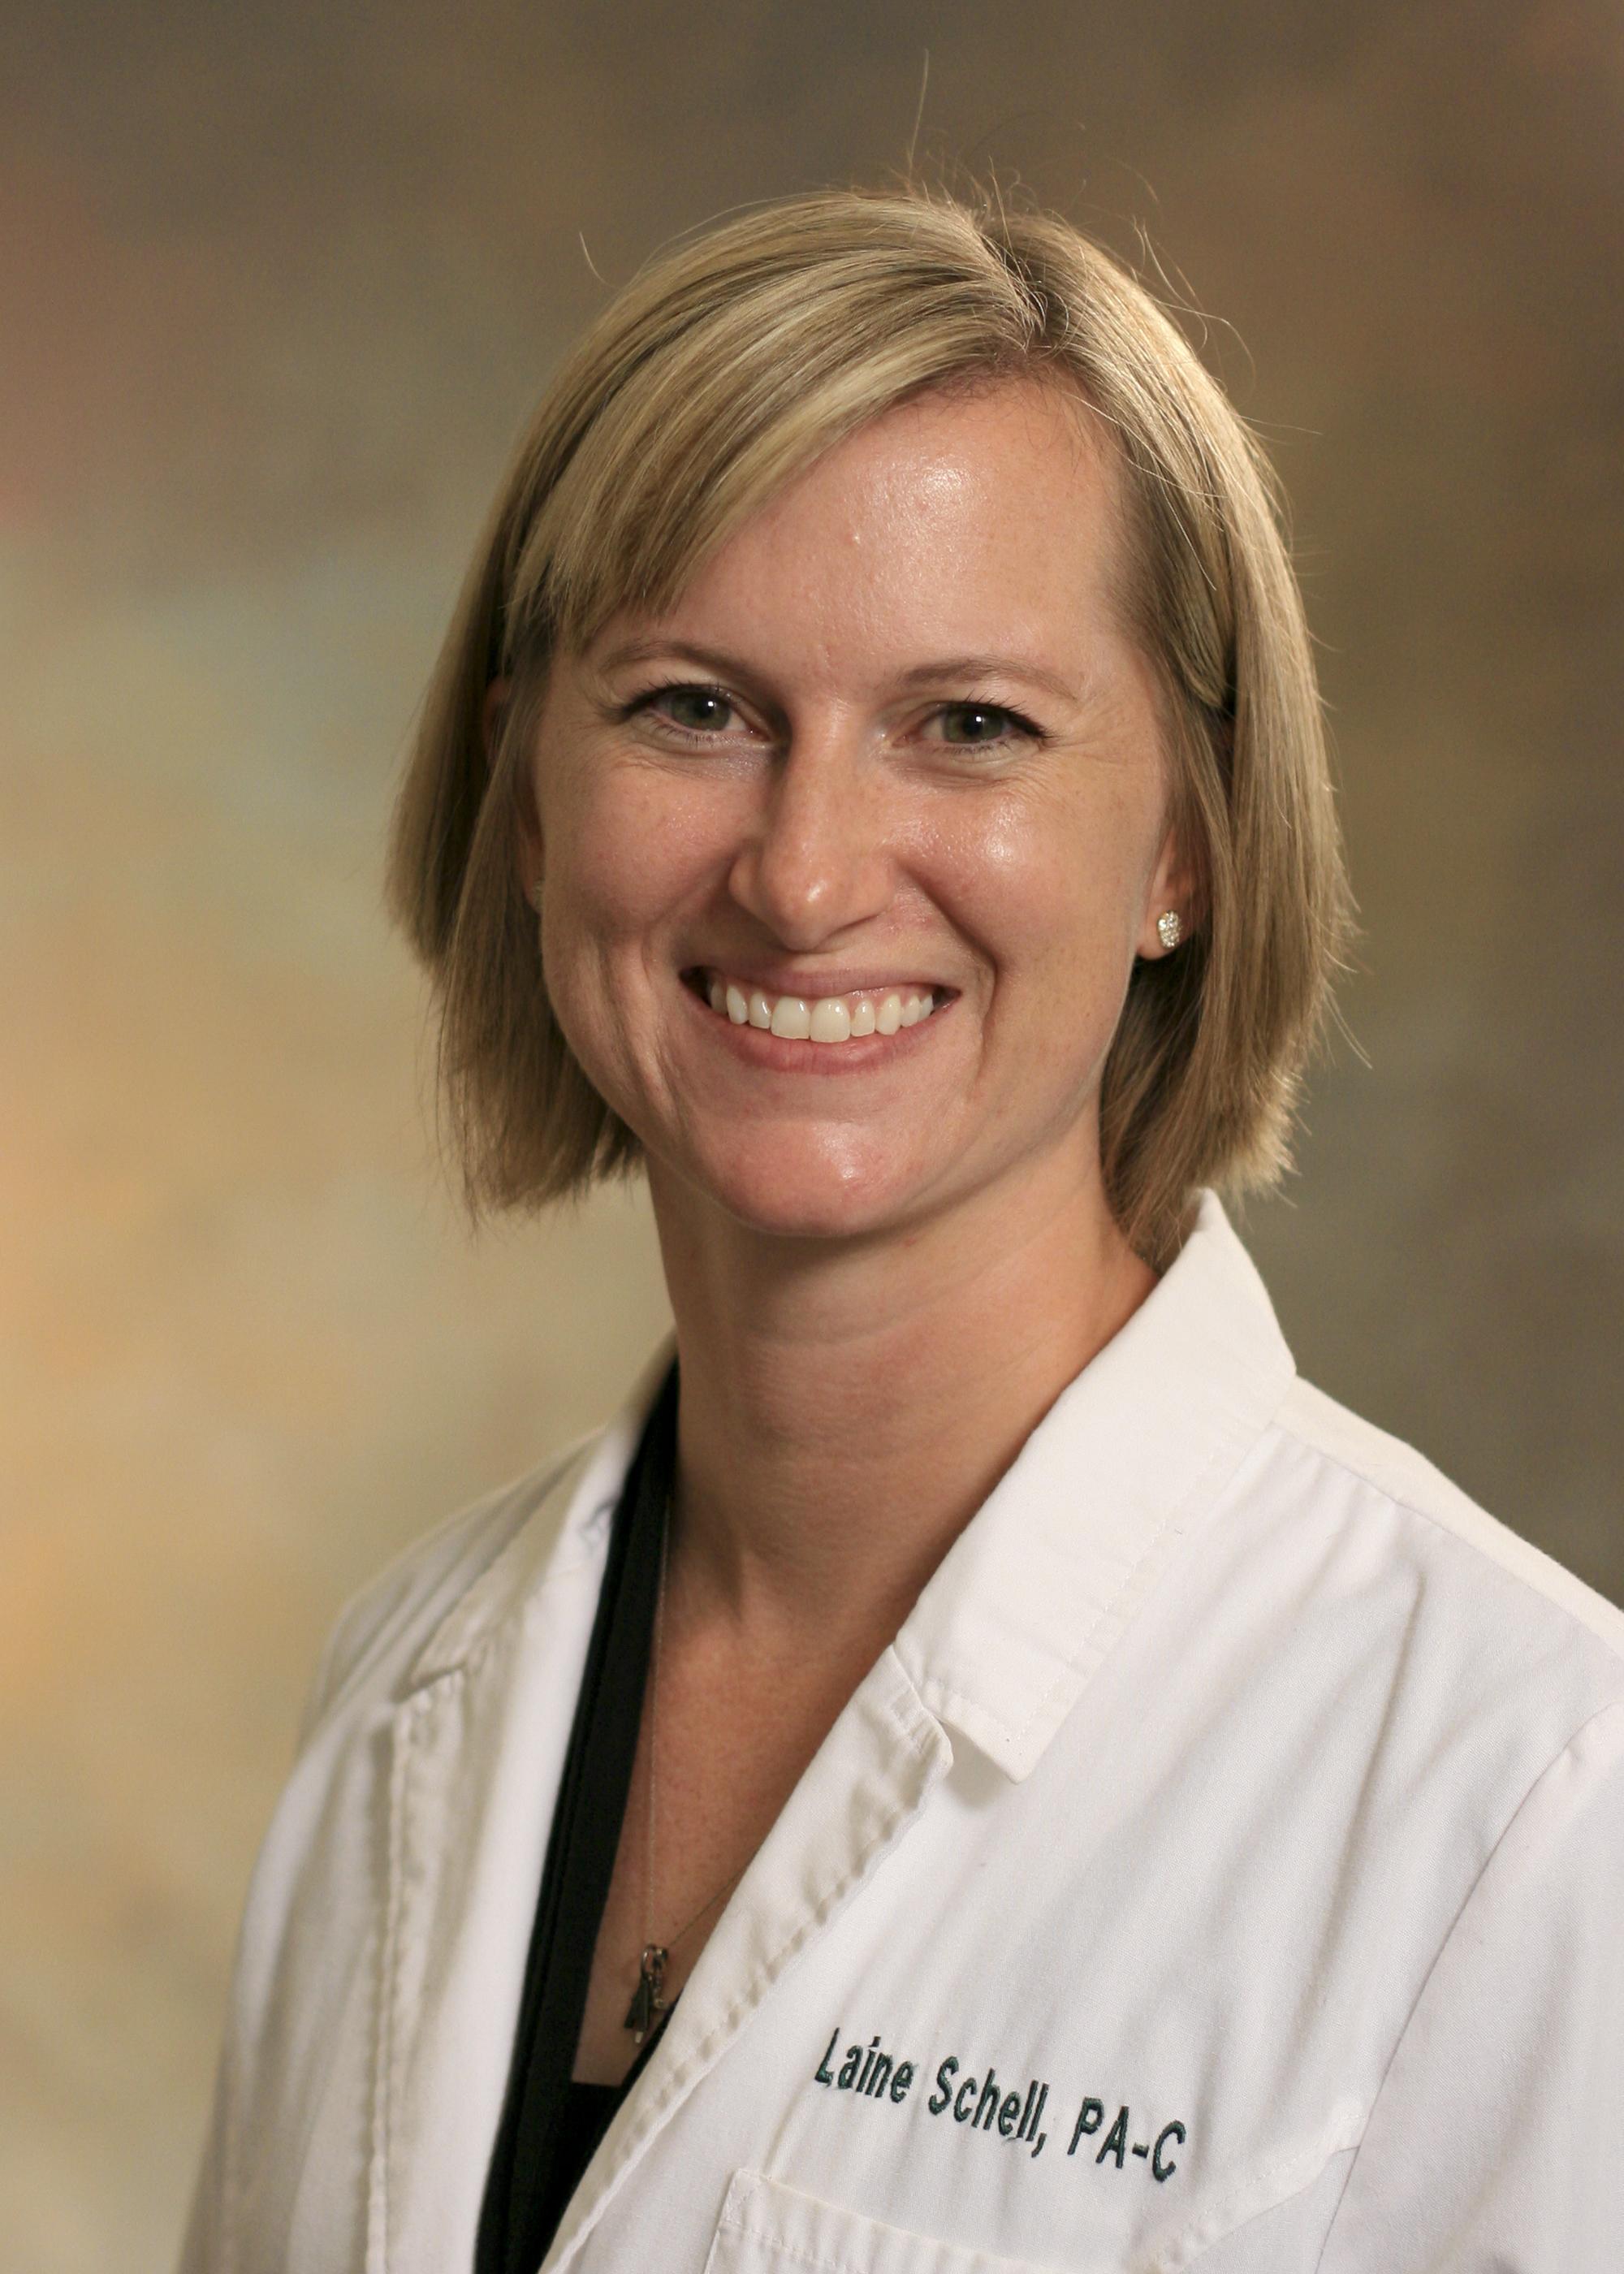 Elaine Schell, PA-C